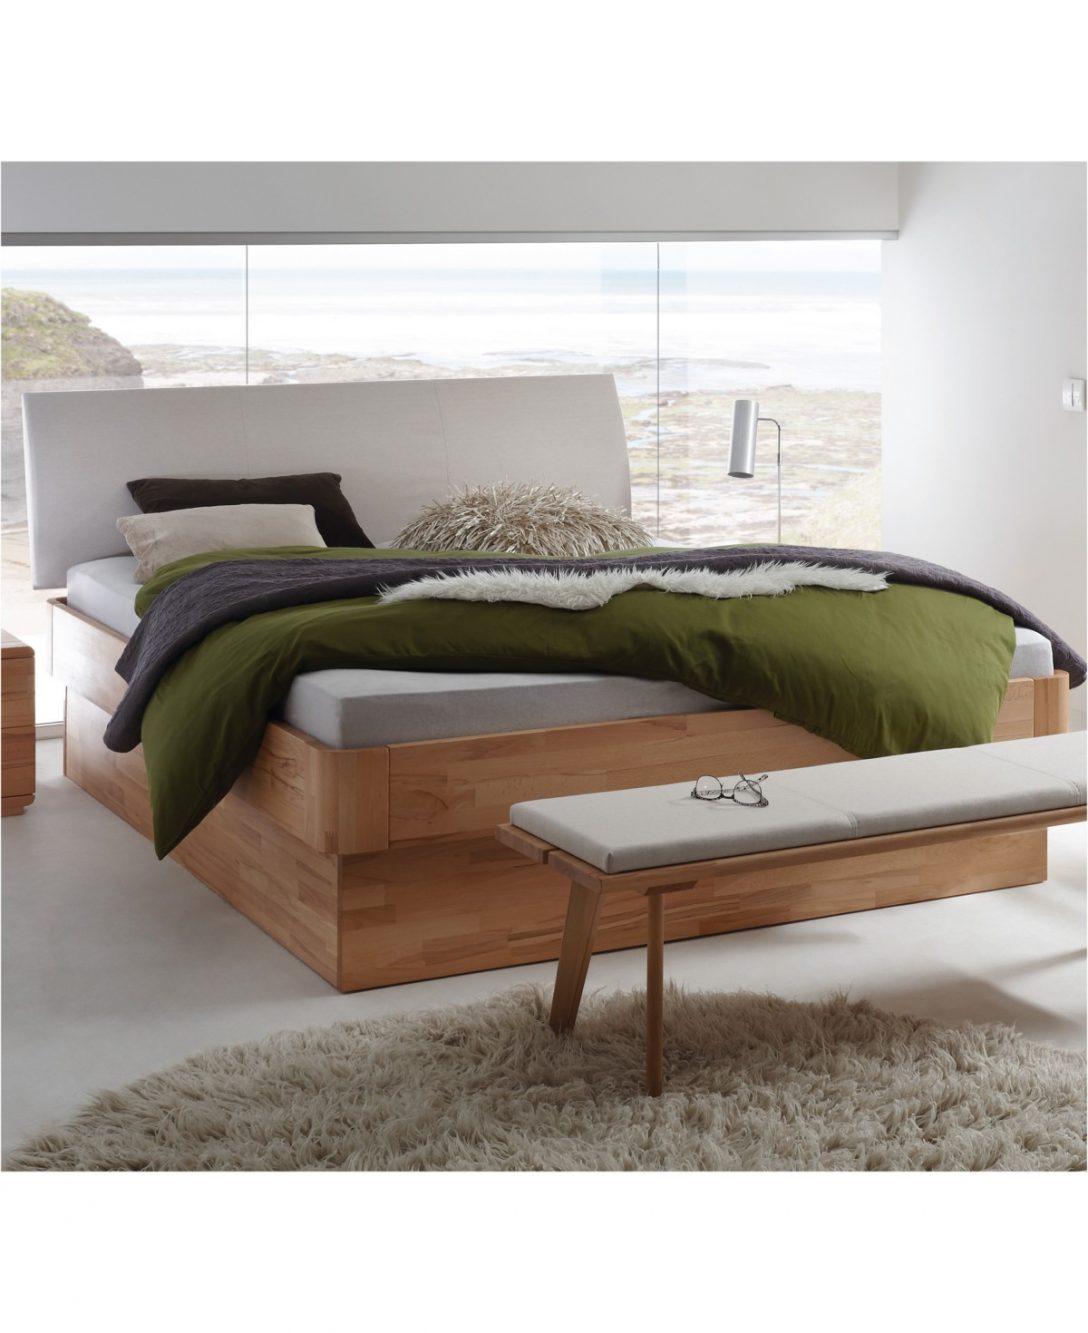 Large Size of 120x200 Bett Weiß Betten Mit Bettkasten Matratze Und Lattenrost Wohnzimmer Stauraumbett 120x200